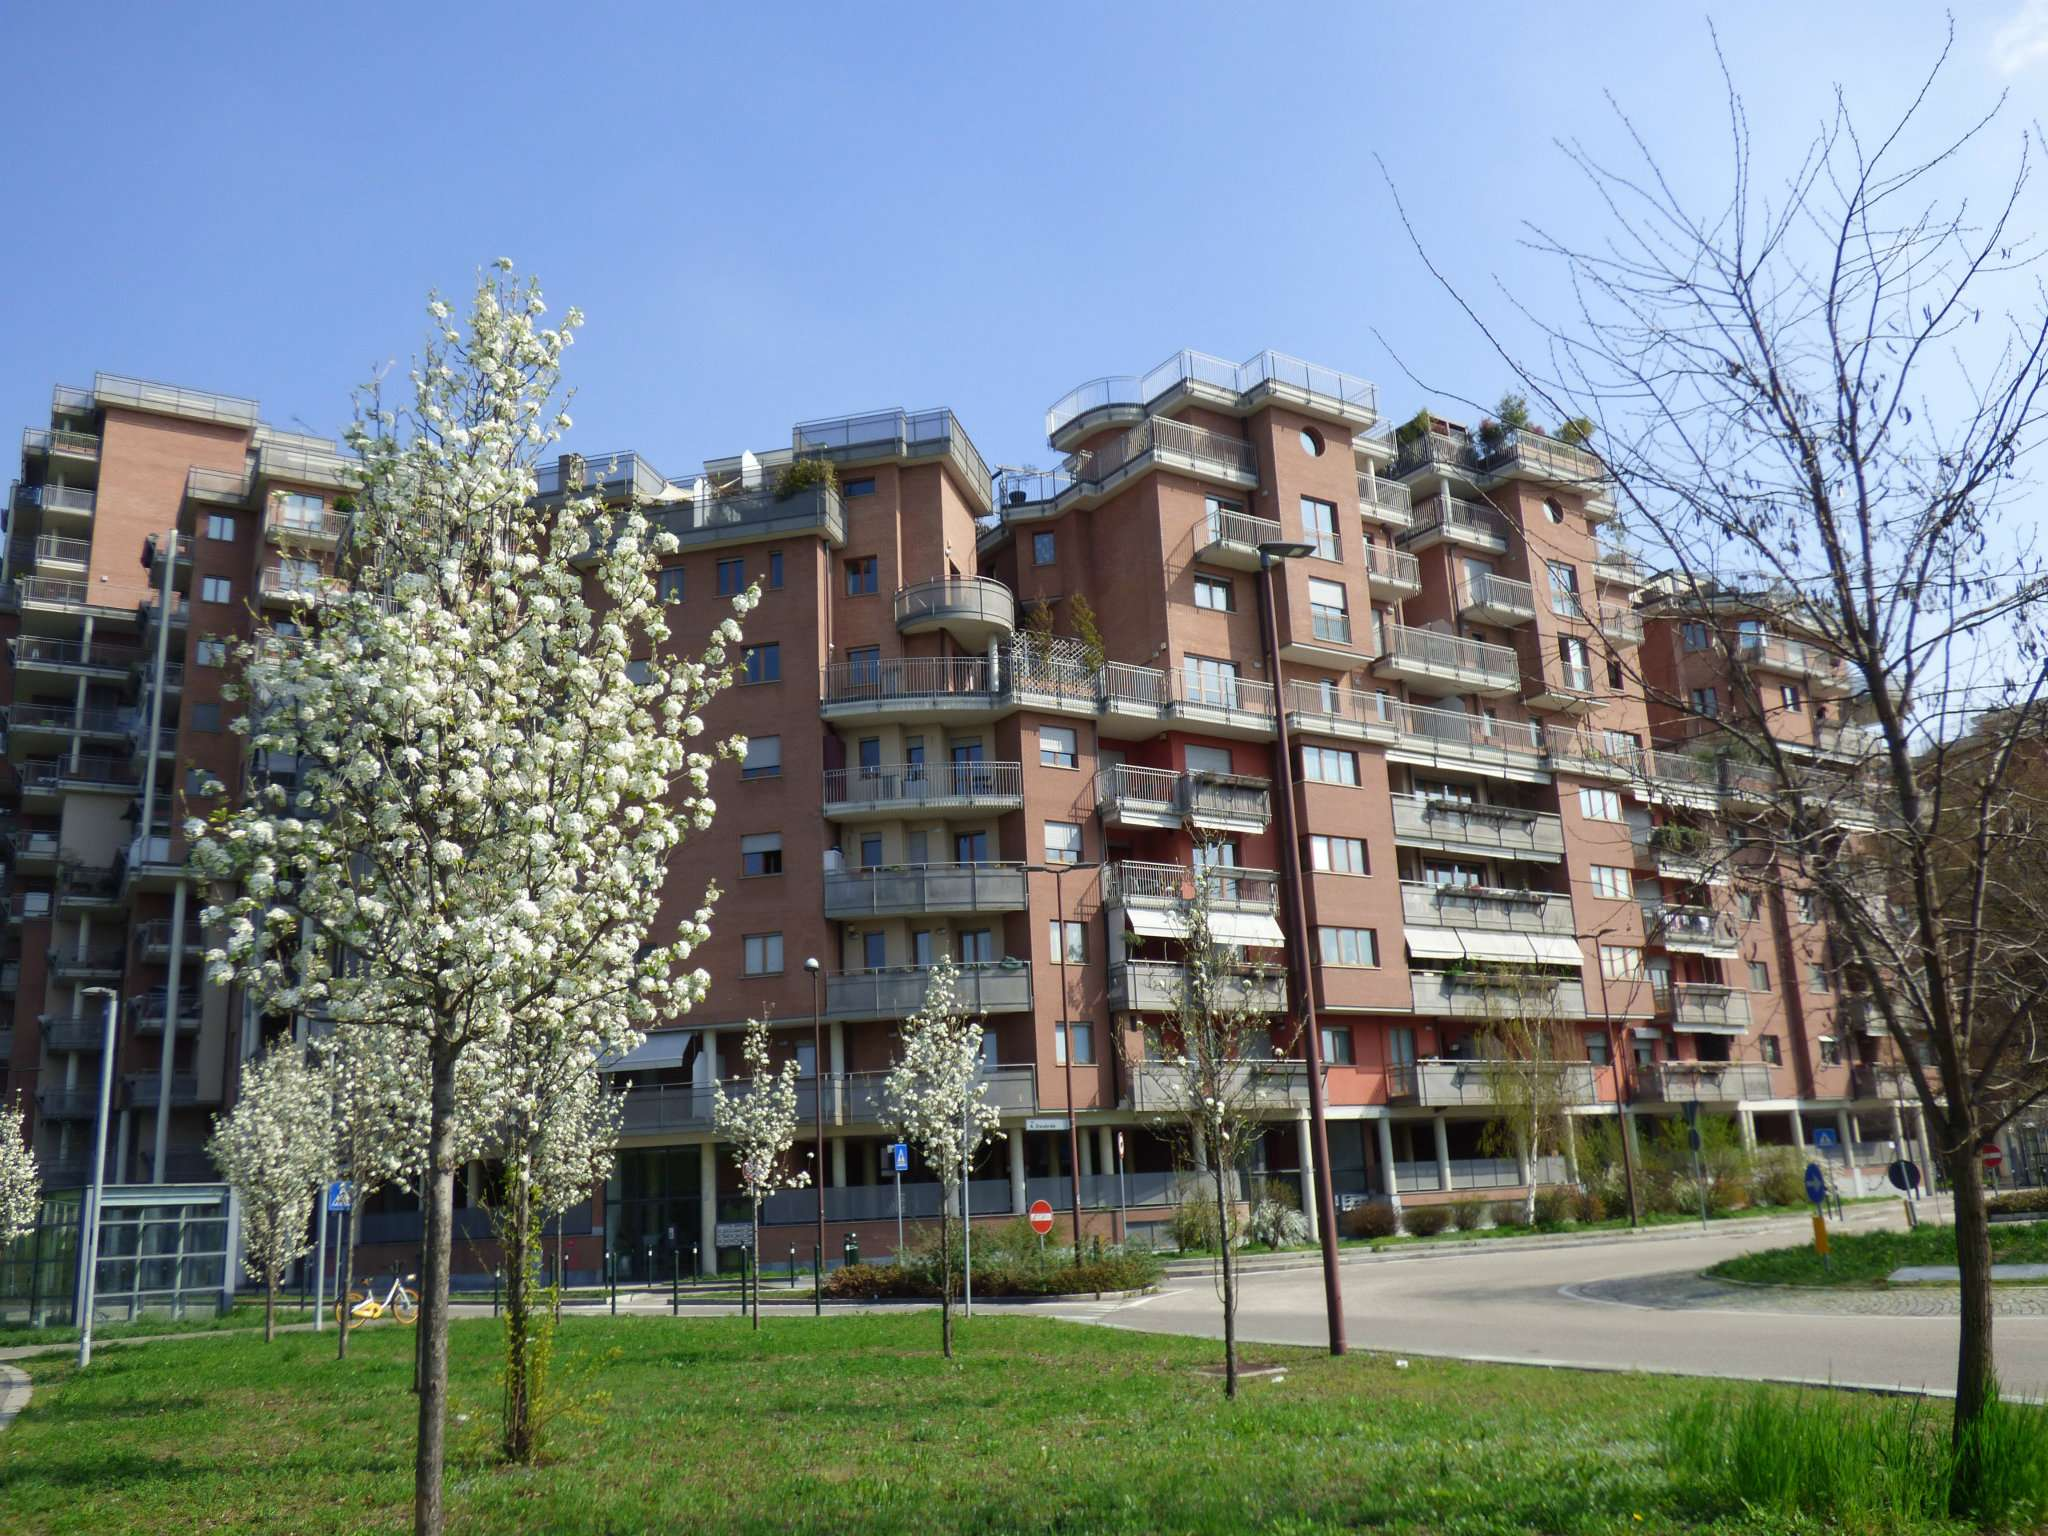 Immagine immobiliare parco dora signorile appartamento panoramico parco dora nel complesso recente e signorile